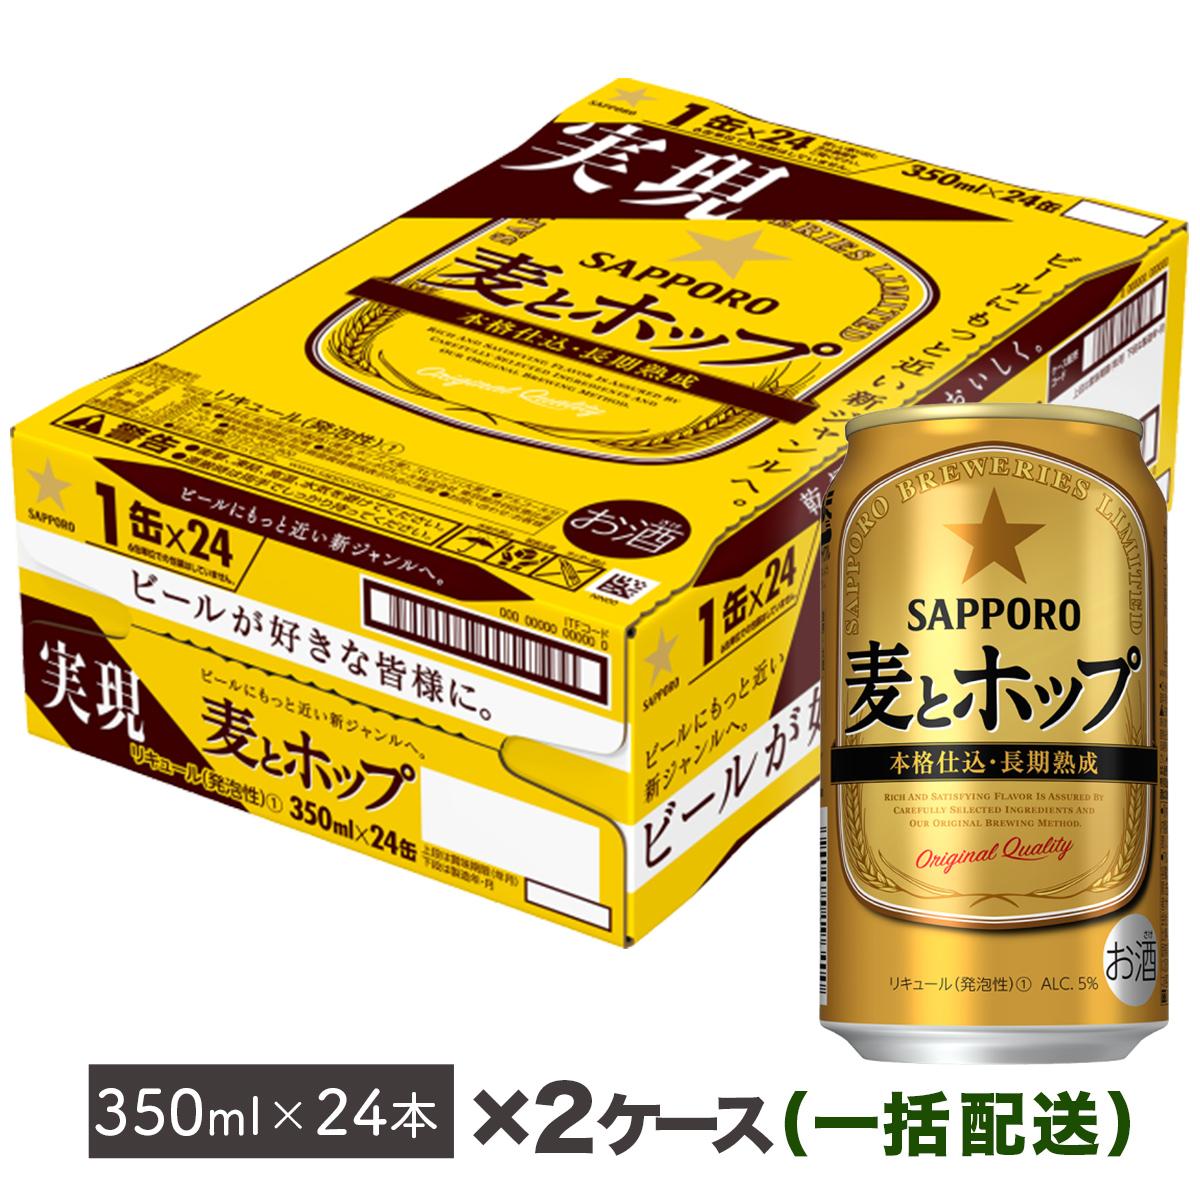 【ふるさと納税】地元名取生産 麦とホップ 350ml 24本 2箱お届け(同時お届け)